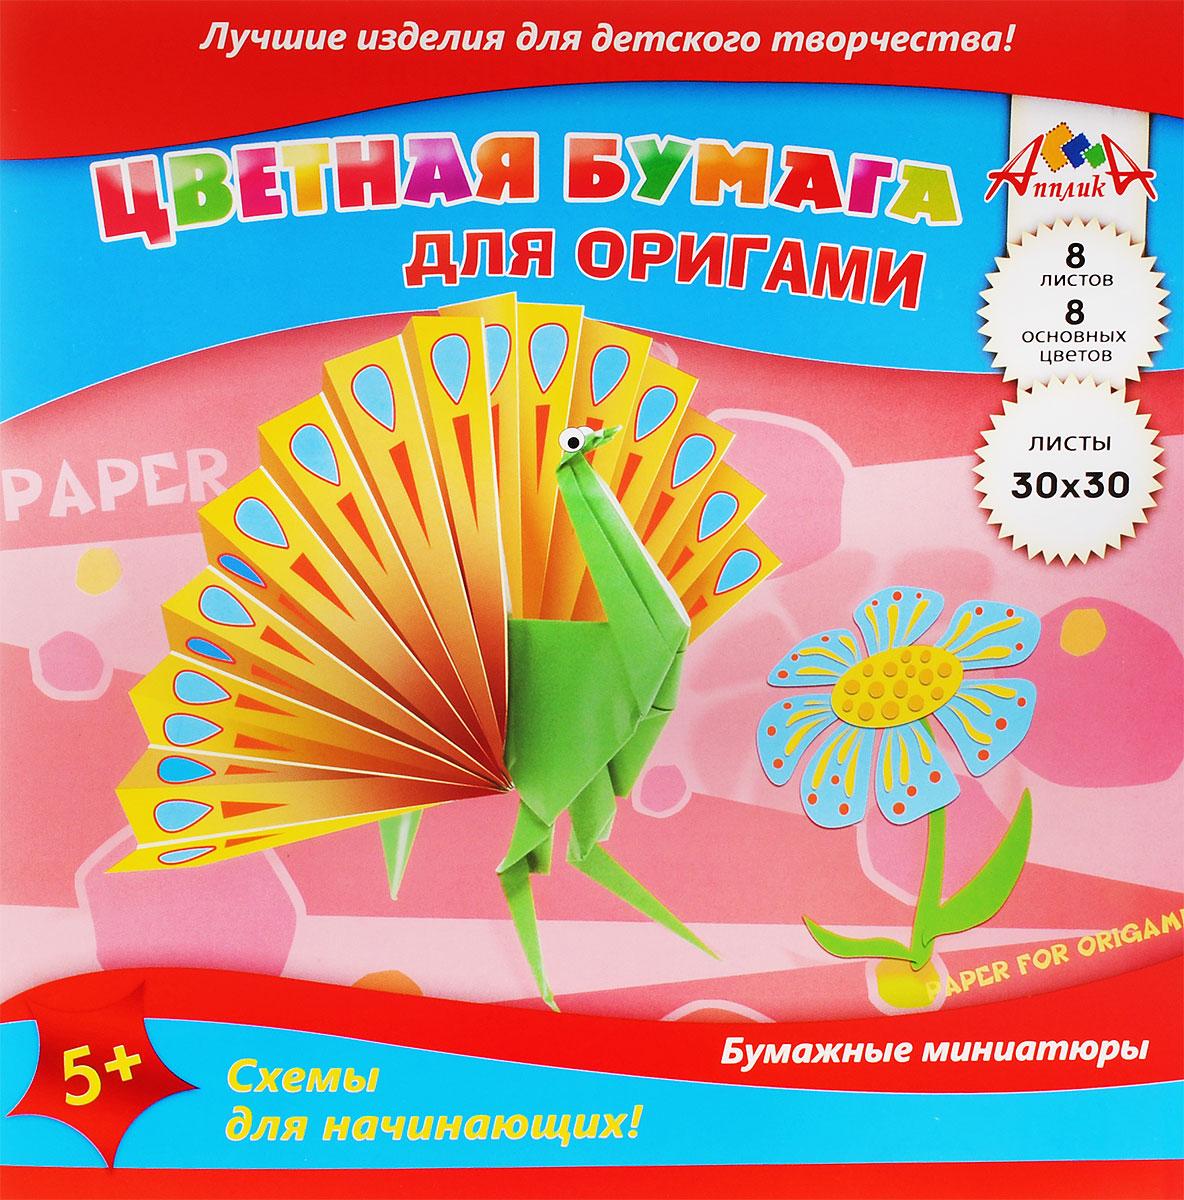 Апплика Цветная бумага для оригами Павлин 8 листов72523WDНабор цветной бумаги Апплика Павлин позволит создавать вашему ребенку своими руками оригинальное оригами. Набор состоит из 8 листов двусторонней бумаги разных цветов. Внутри папки приводятся схематичные инструкции по изготовлению оригами, сзади дана расшифровка условных обозначений. Создание поделок из цветной бумаги позволяет ребенку развивать творческие способности, кроме того, это увлекательный досуг.Рекомендуемый возраст: 5+